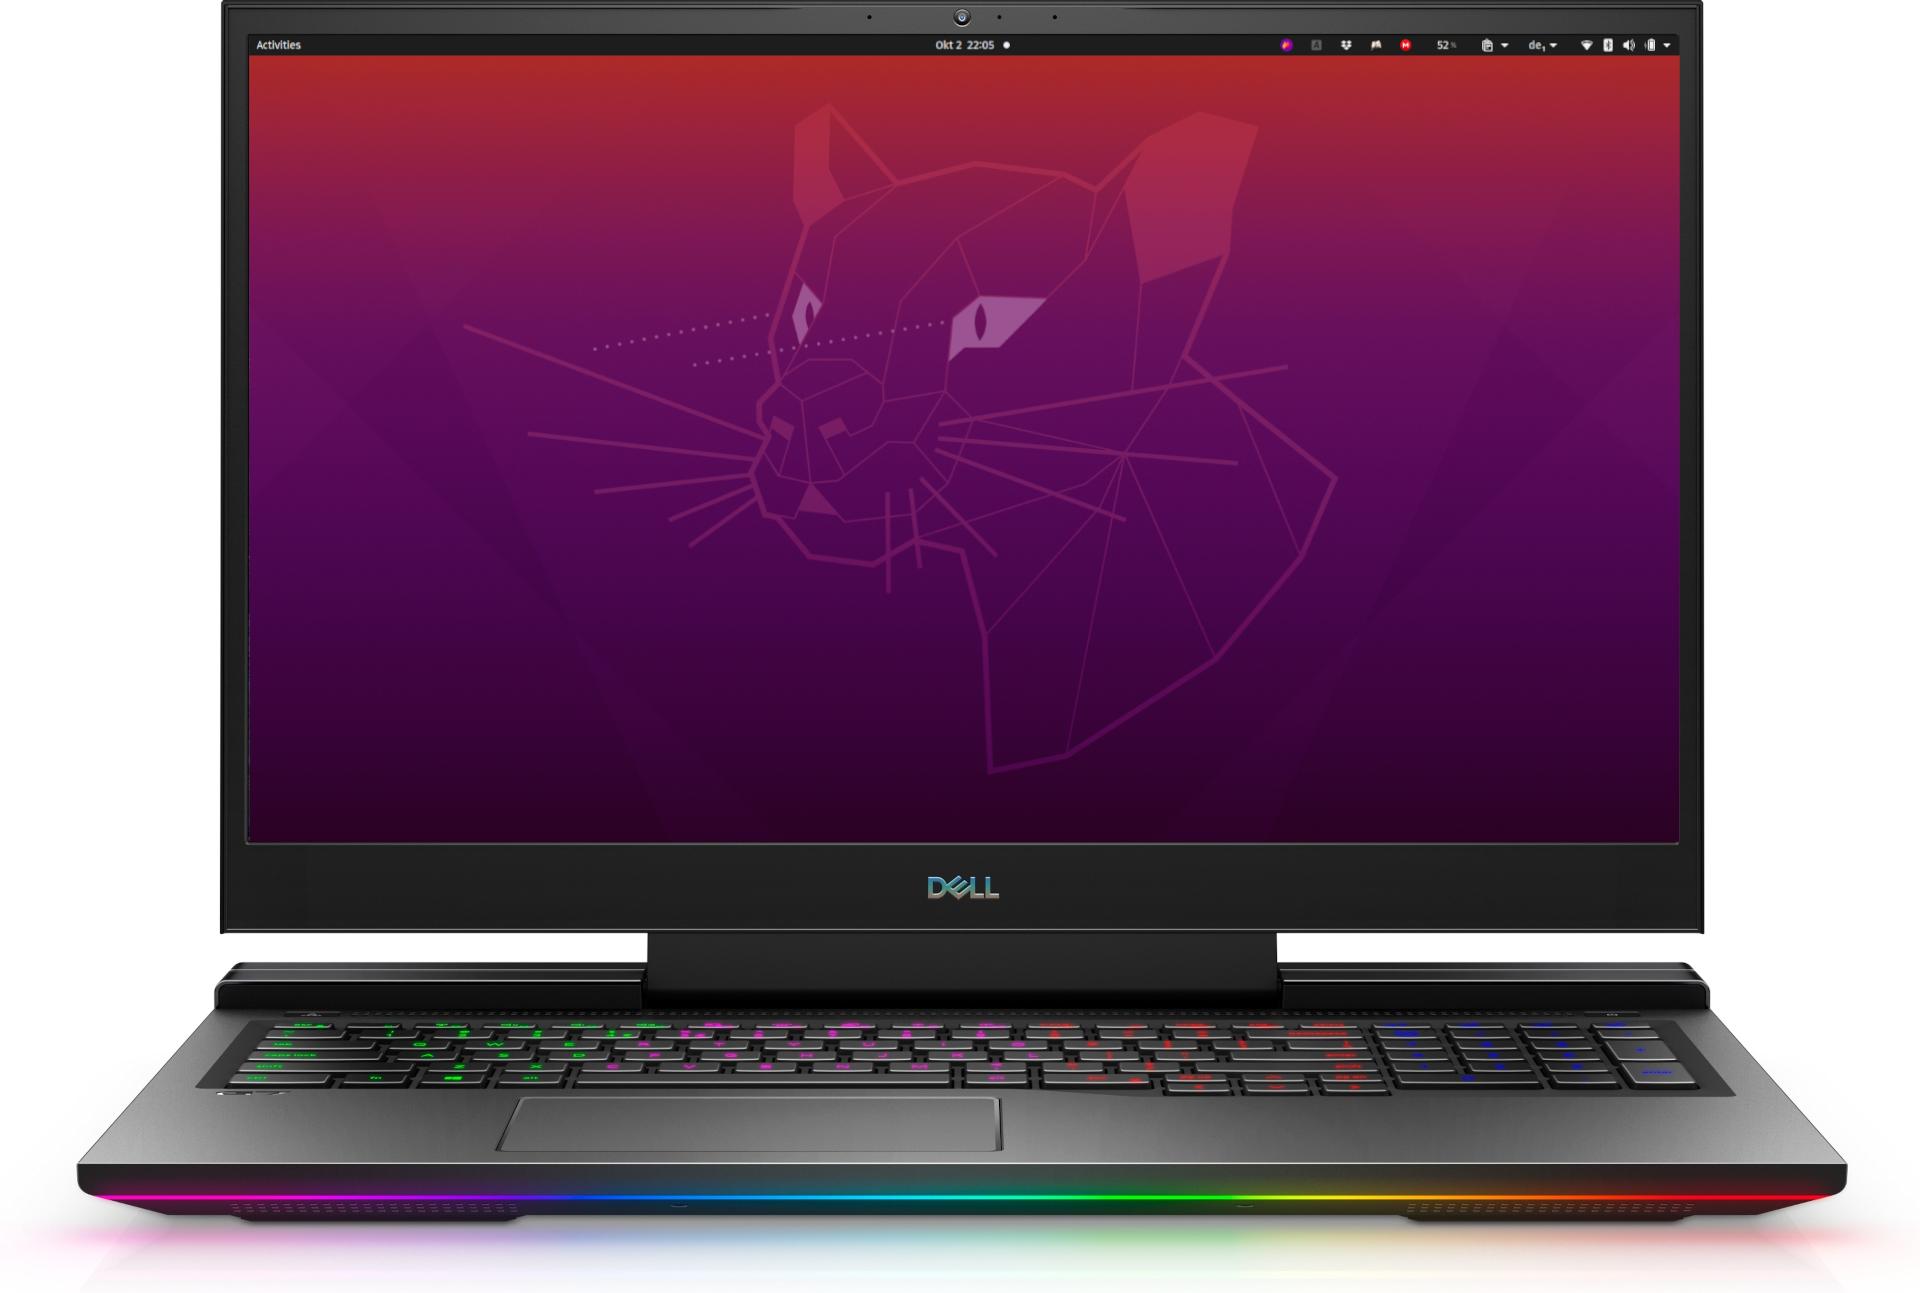 Dell G7 17 7700 mit Ubuntu 20.04